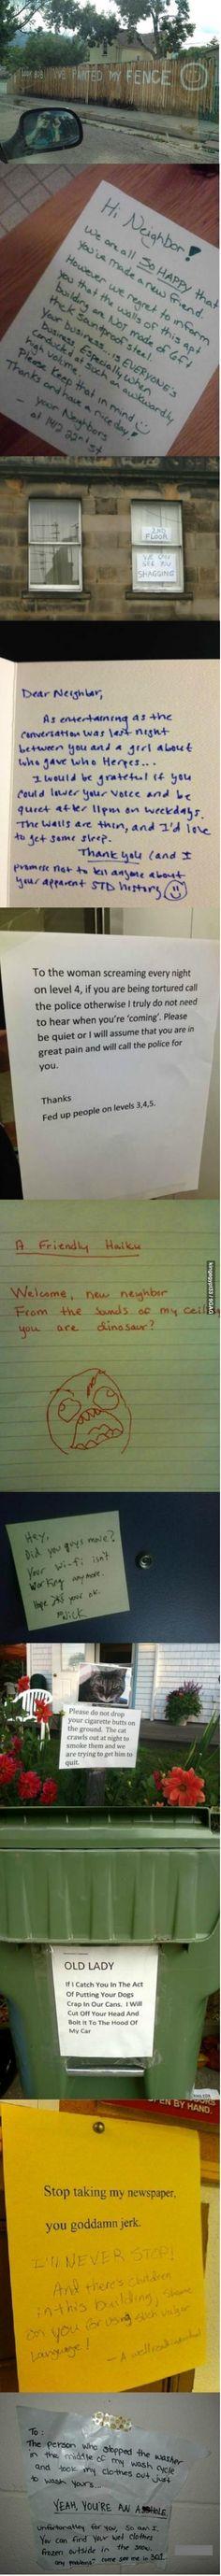 Dear Neighbor,